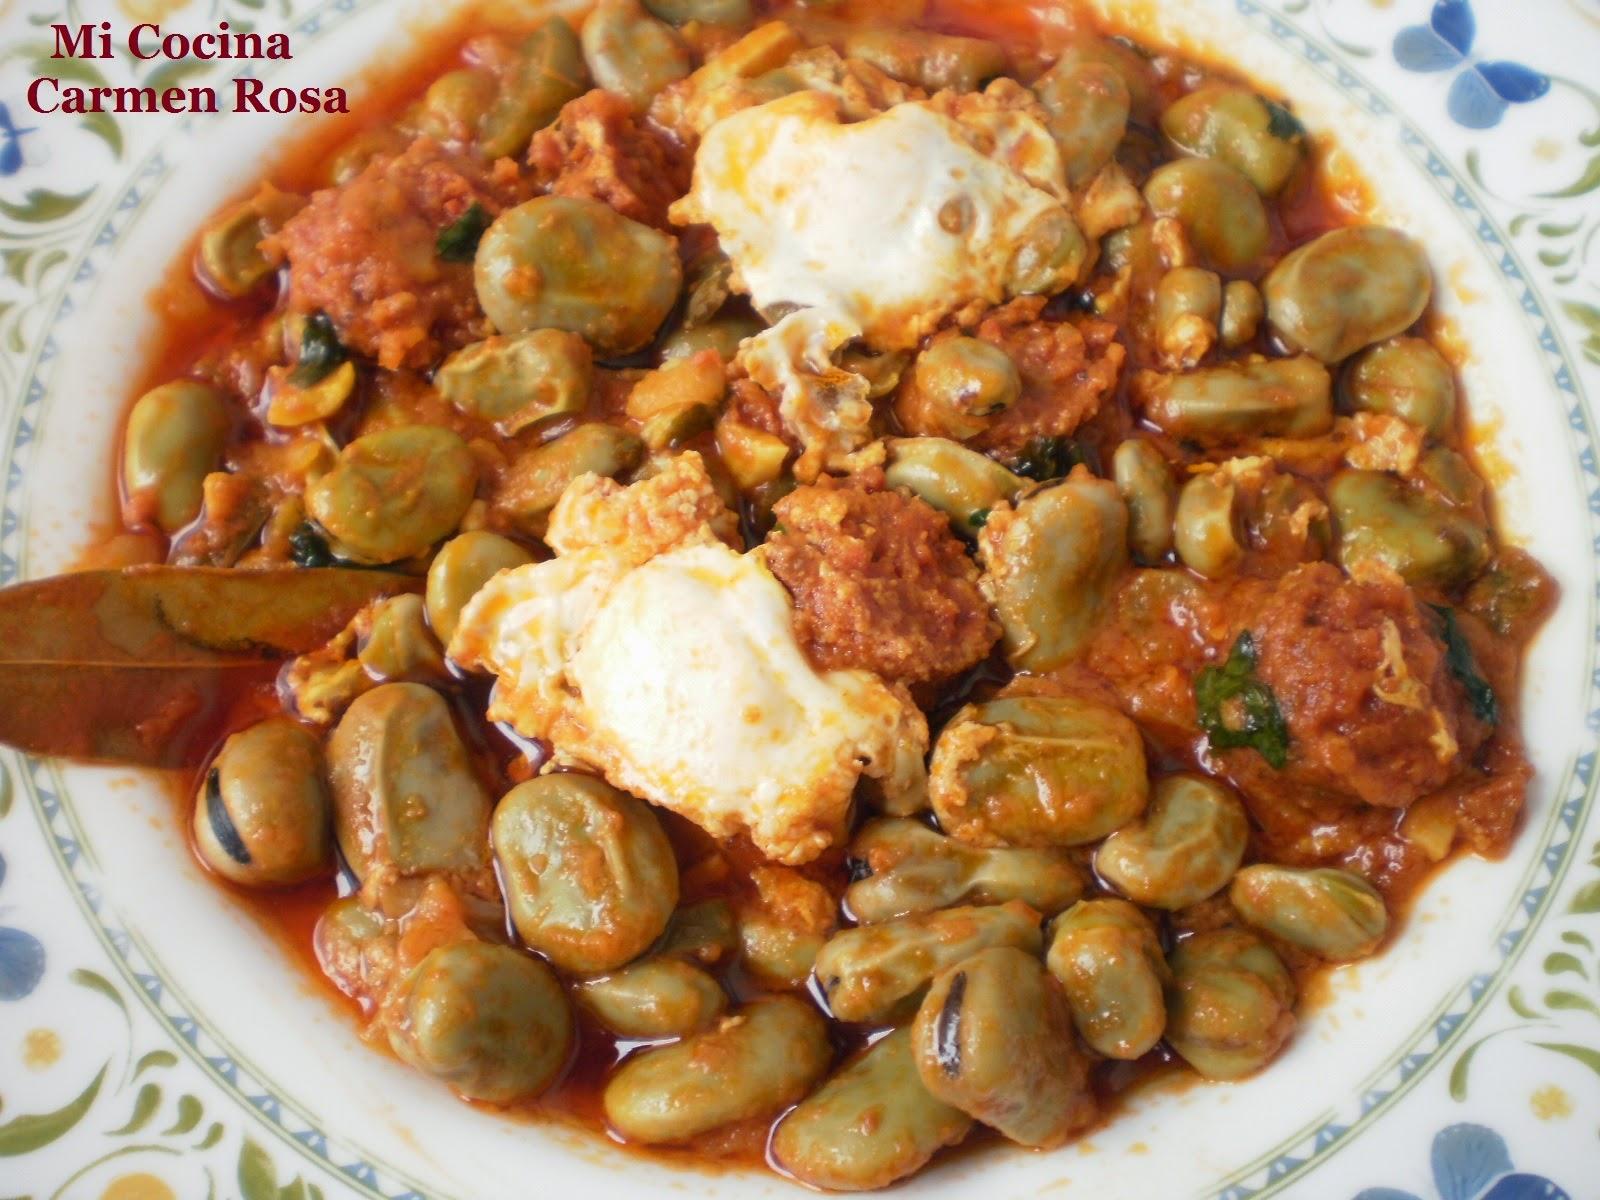 Como Cocinar Las Habas | Mi Cocina Sobrehusa O Sobreusa De Habas Frescas Con Chorizo